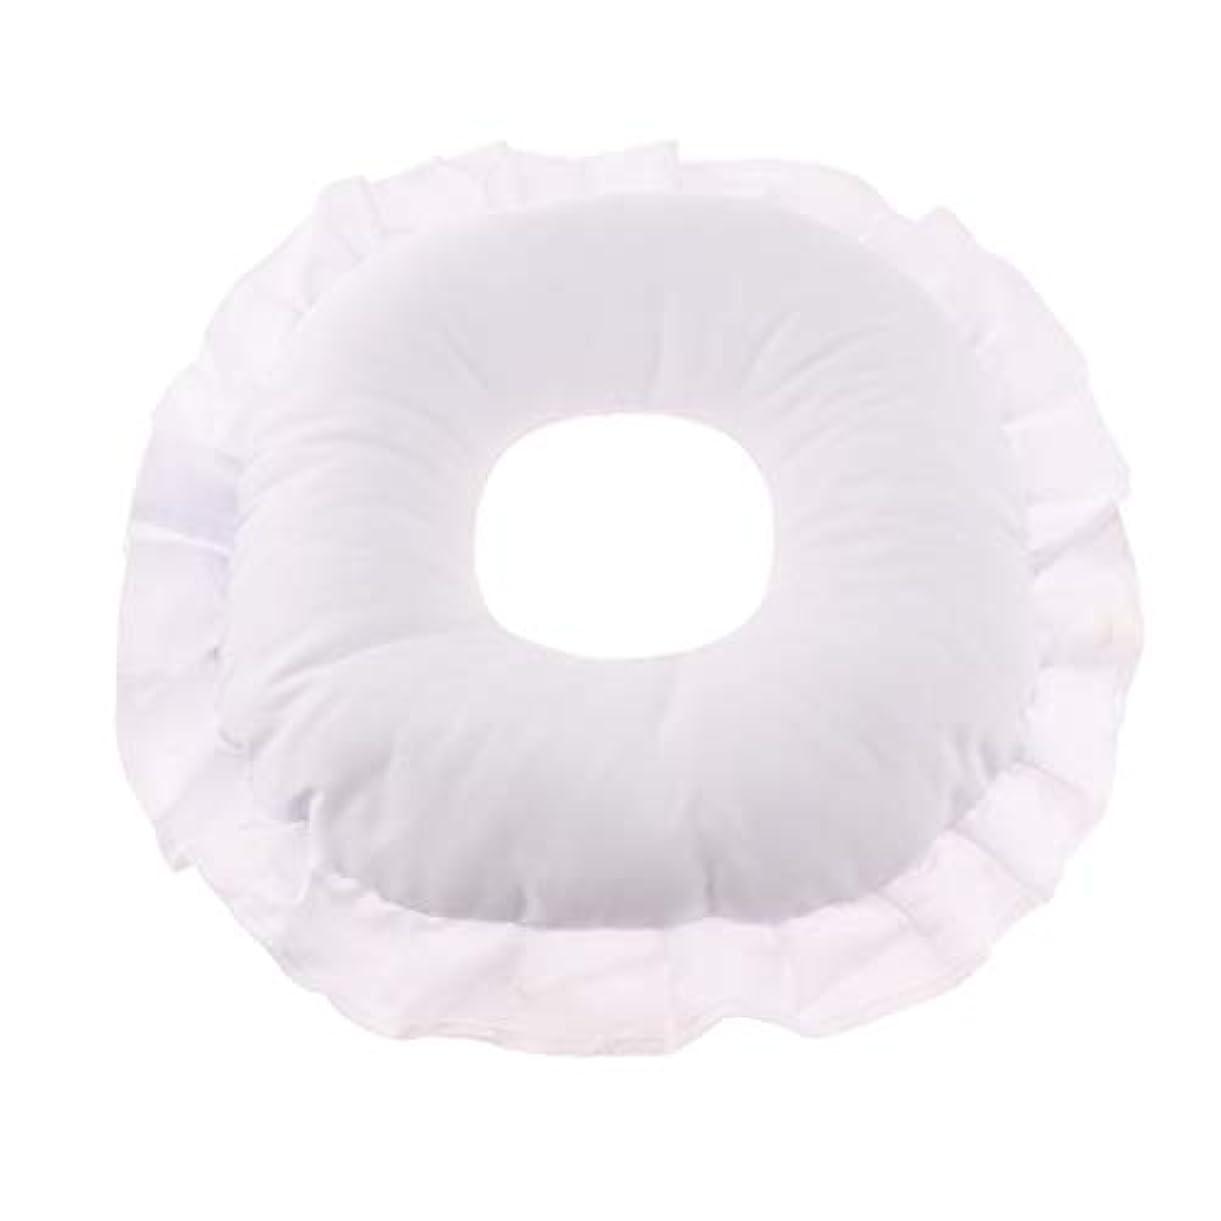 ティーンエイジャーカレッジ人物Fenteer マッサージテーブルピロー フェイスピロー 顔枕 フェイスクッション 柔軟 洗えるカバー 全3色 - 白